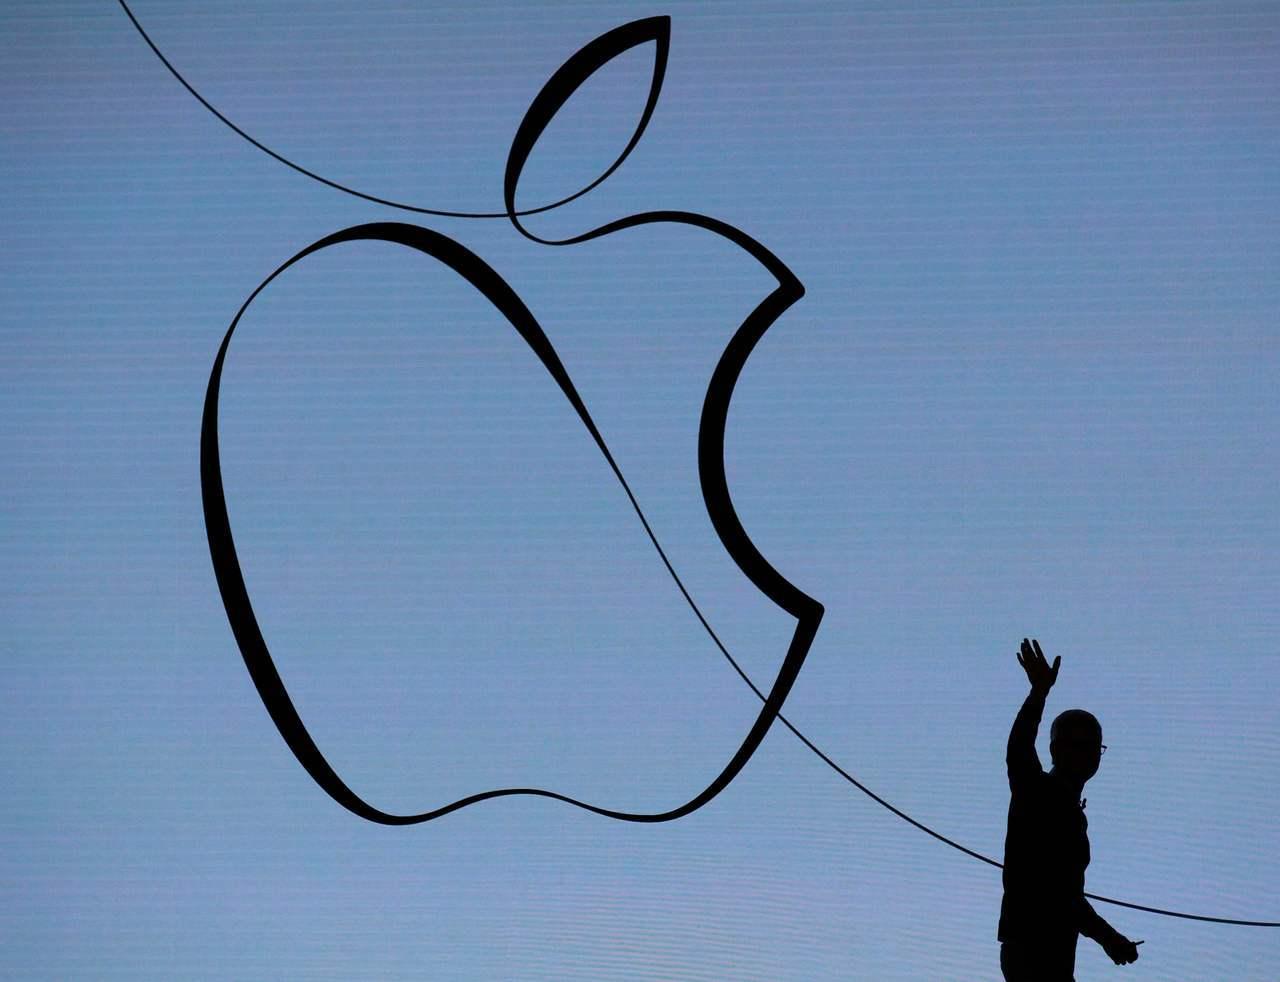 蘋果股價續下跌,但一些分析師仍看好服務事業將帶動蘋果股價回升。法新社